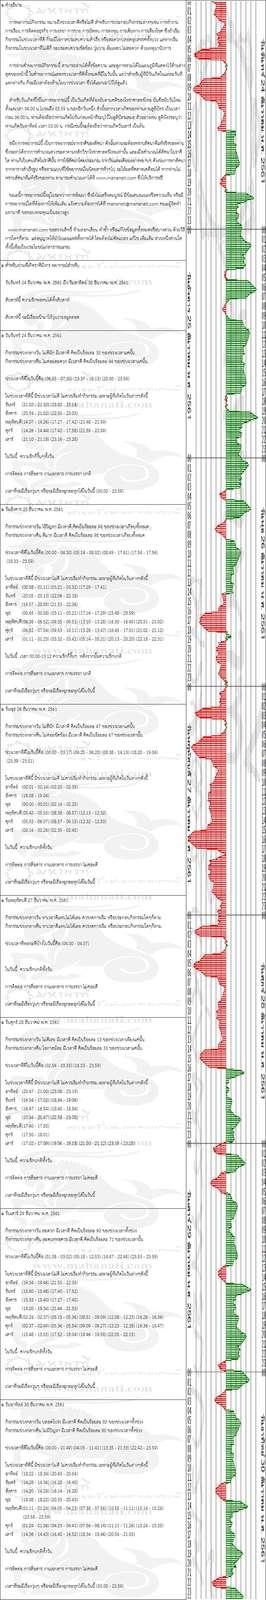 pk0vla1b3pvCYRtk4sHY-o.jpg